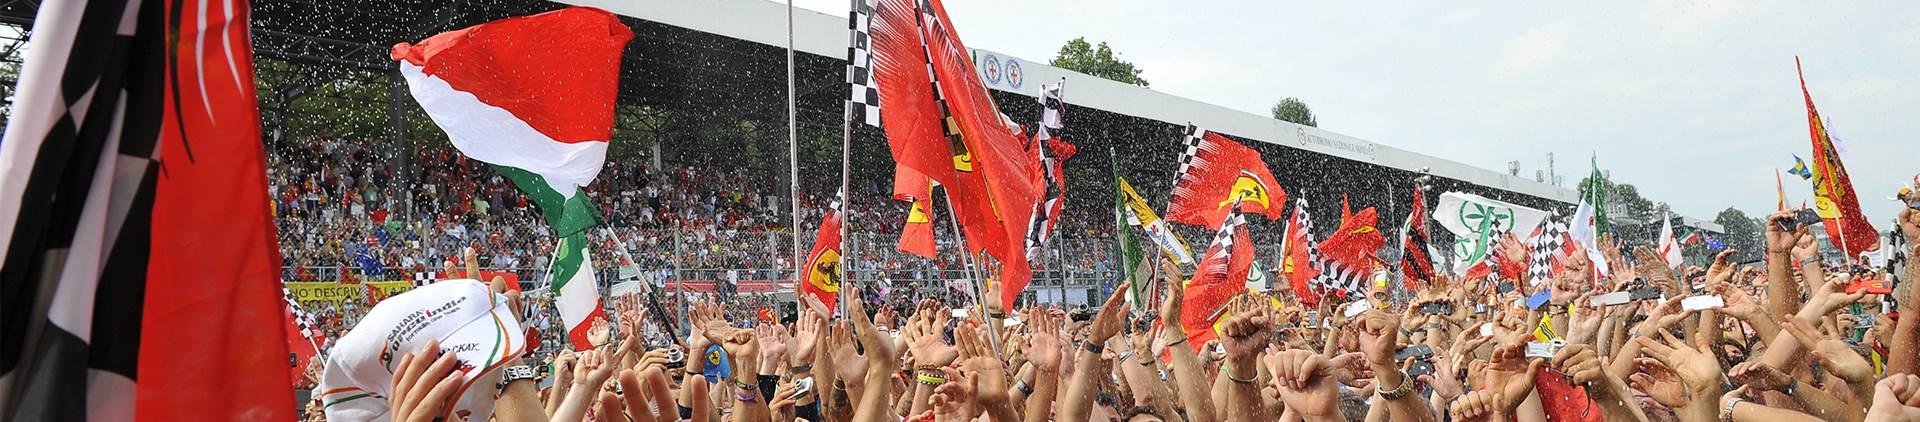 F1 Italia